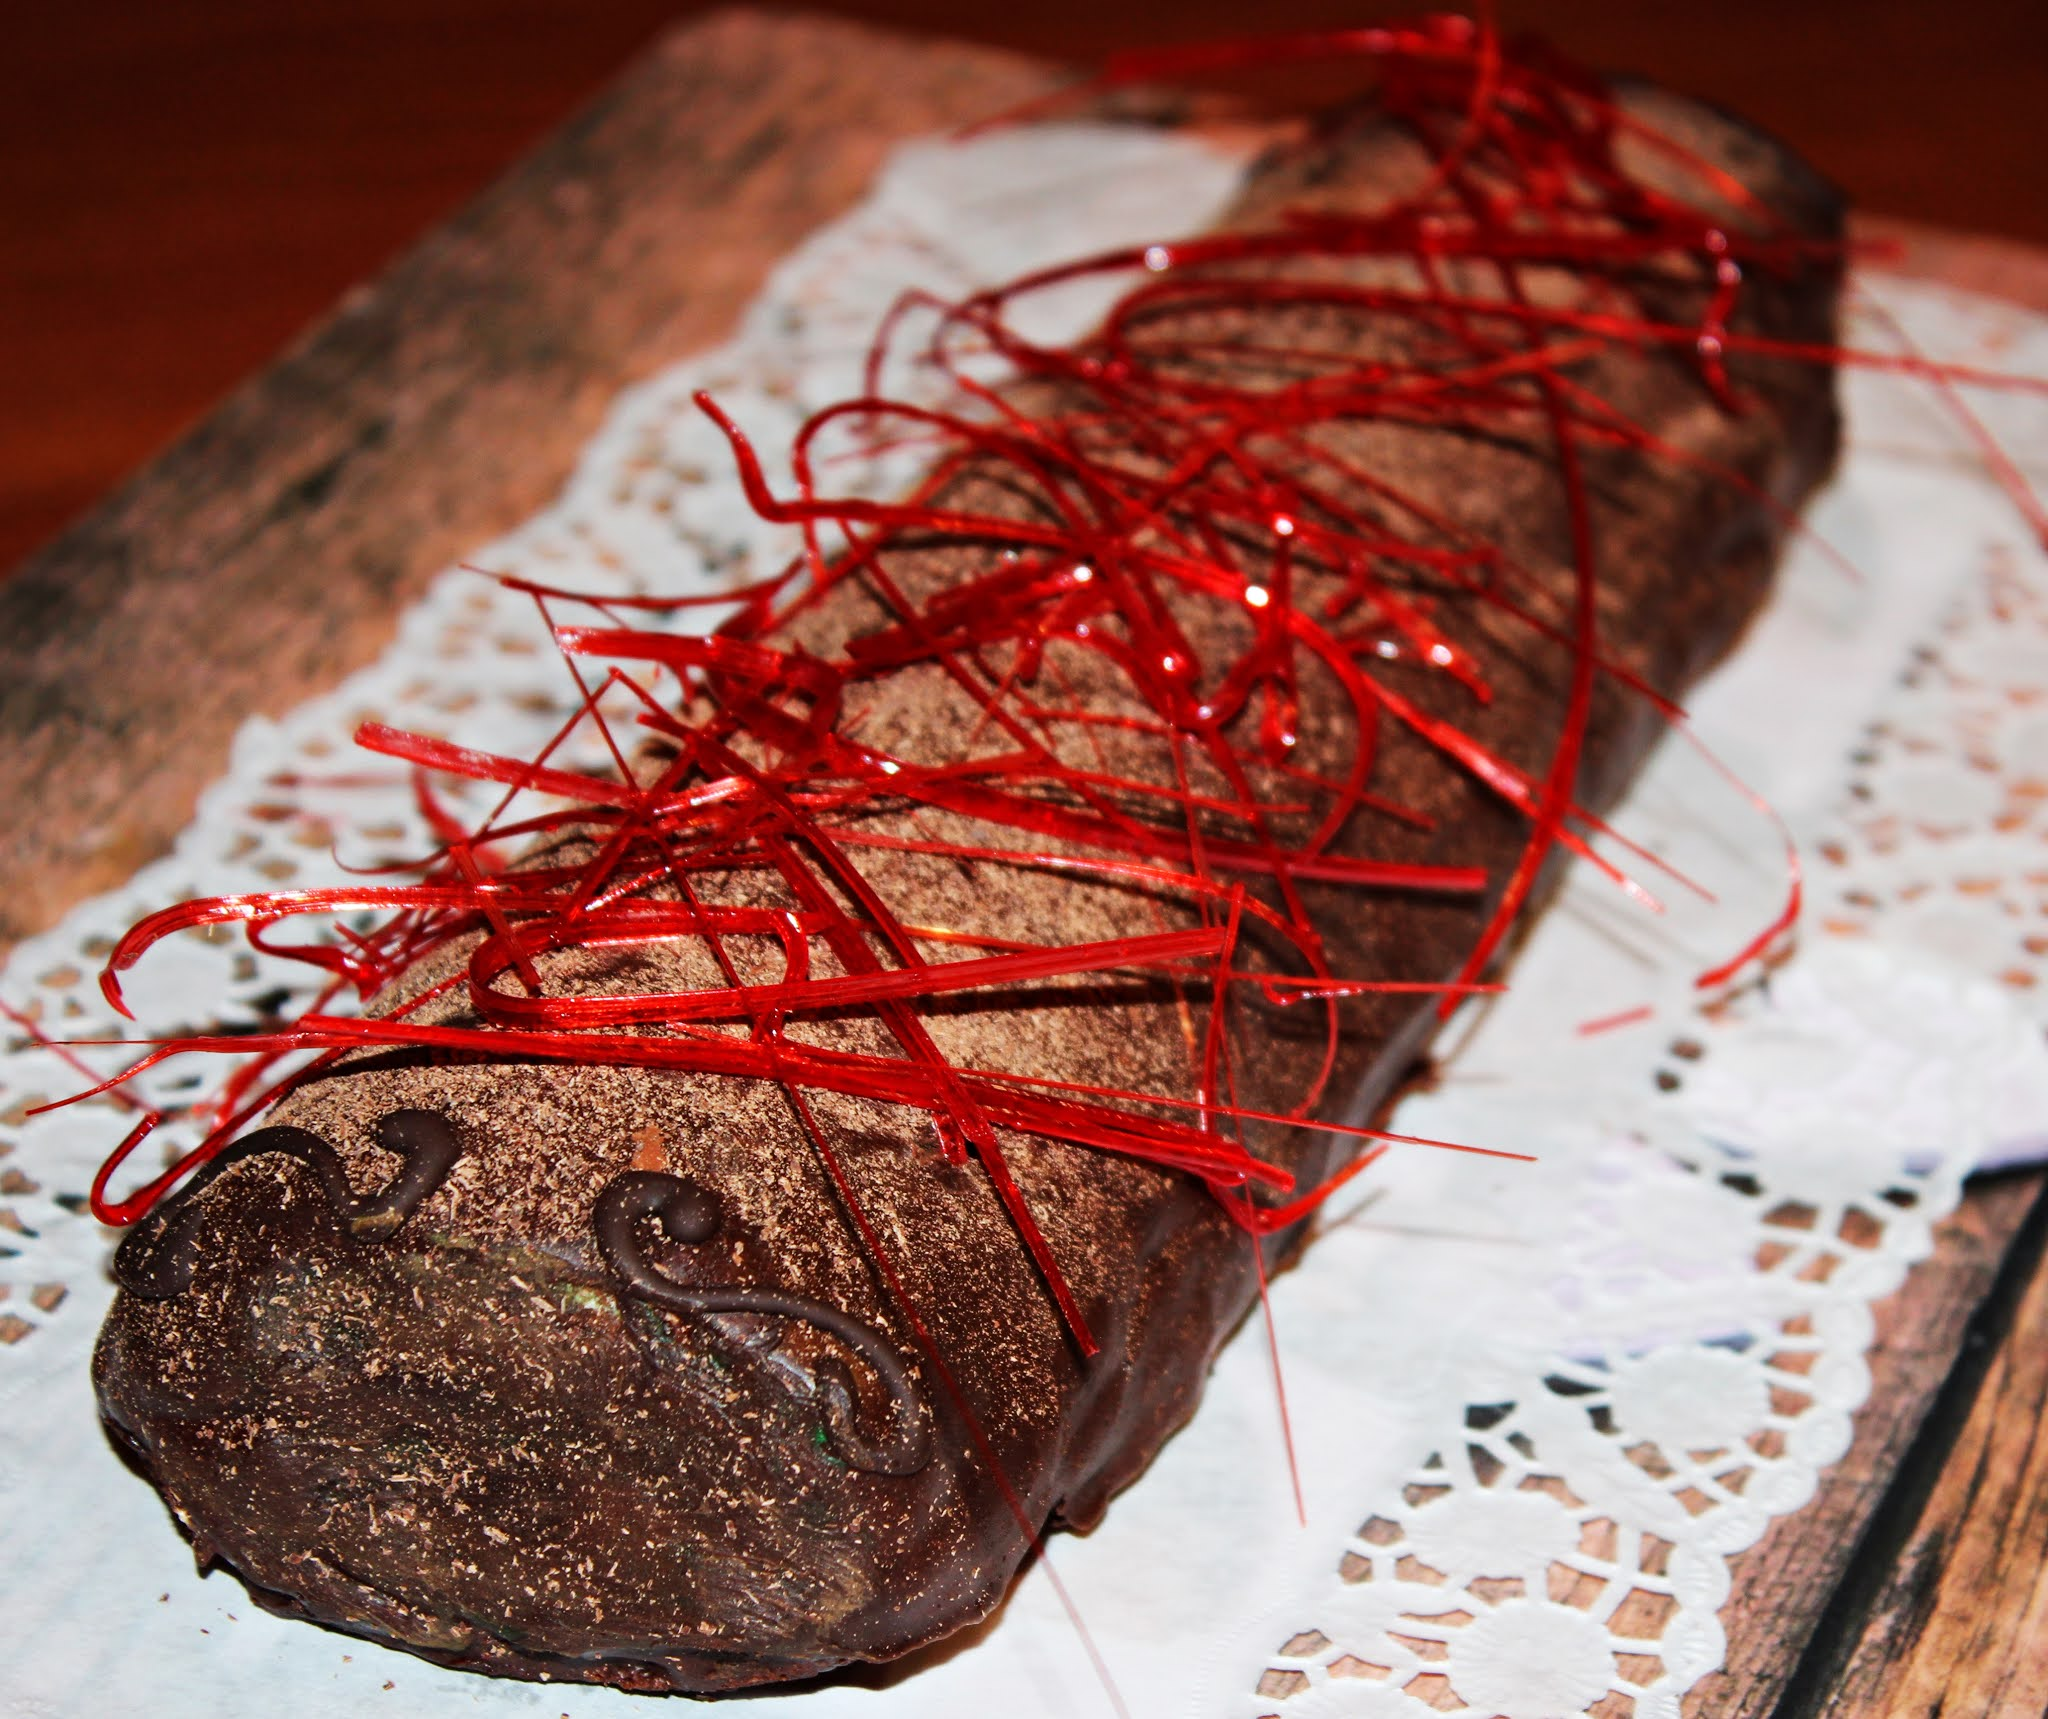 BRACITO DE CHOCOLATE Y NATA